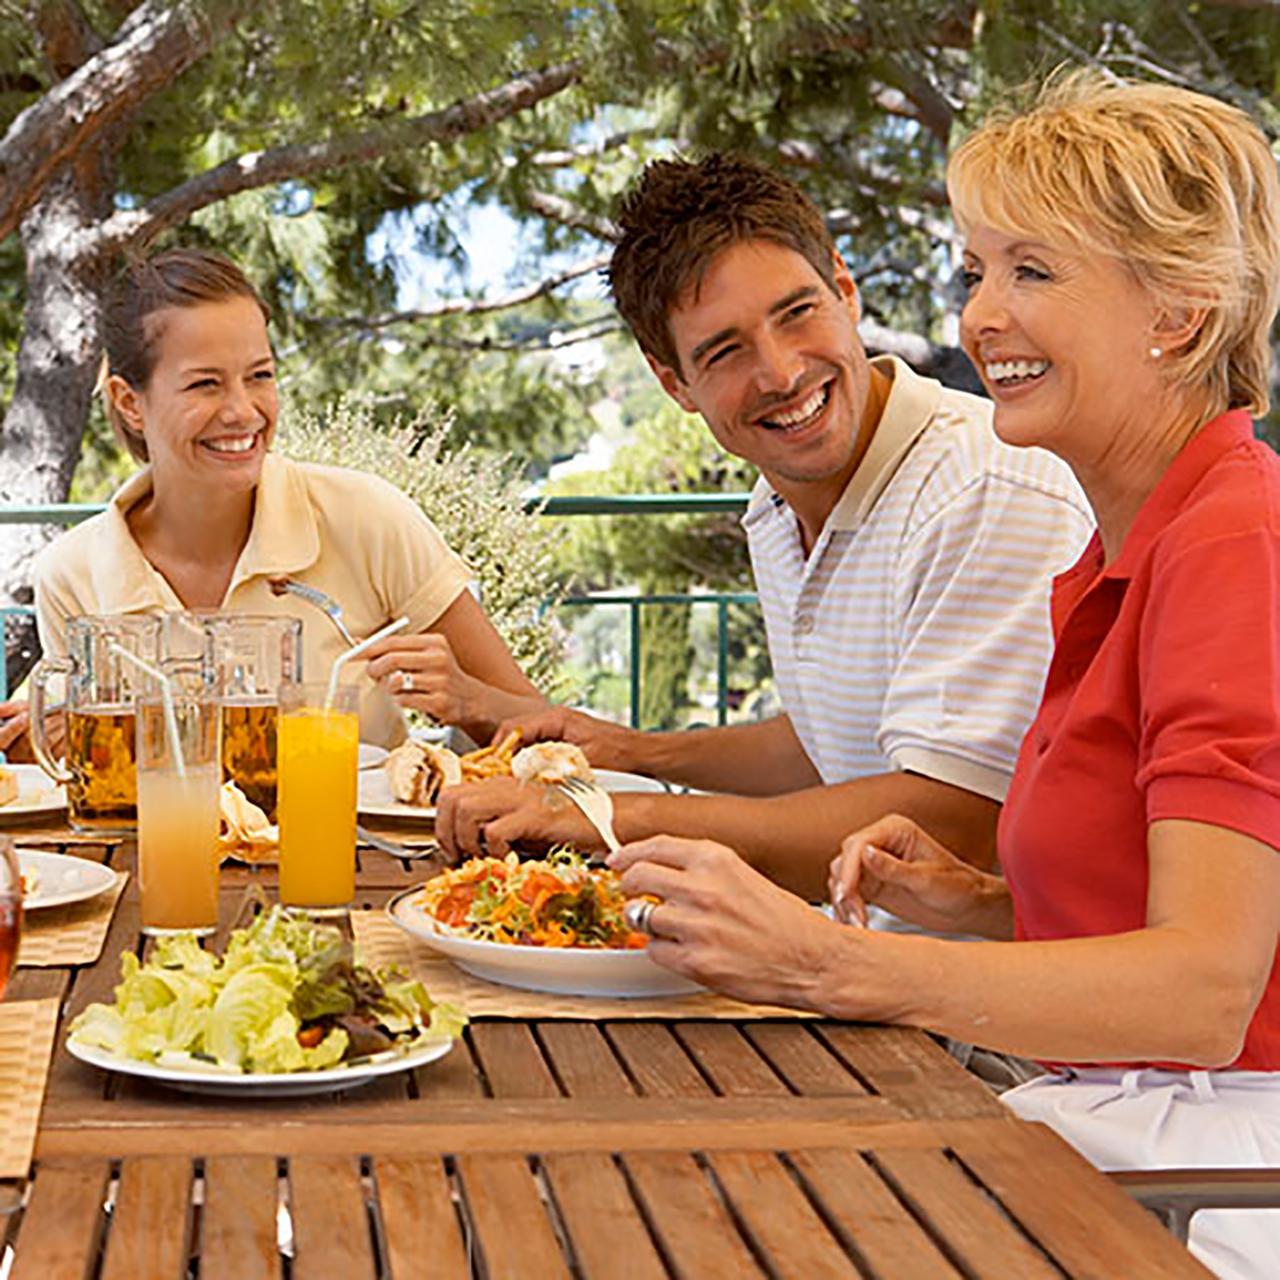 ทานข้าว สังสรรค์กับพ่อแม่ของคุณบ้าง ...